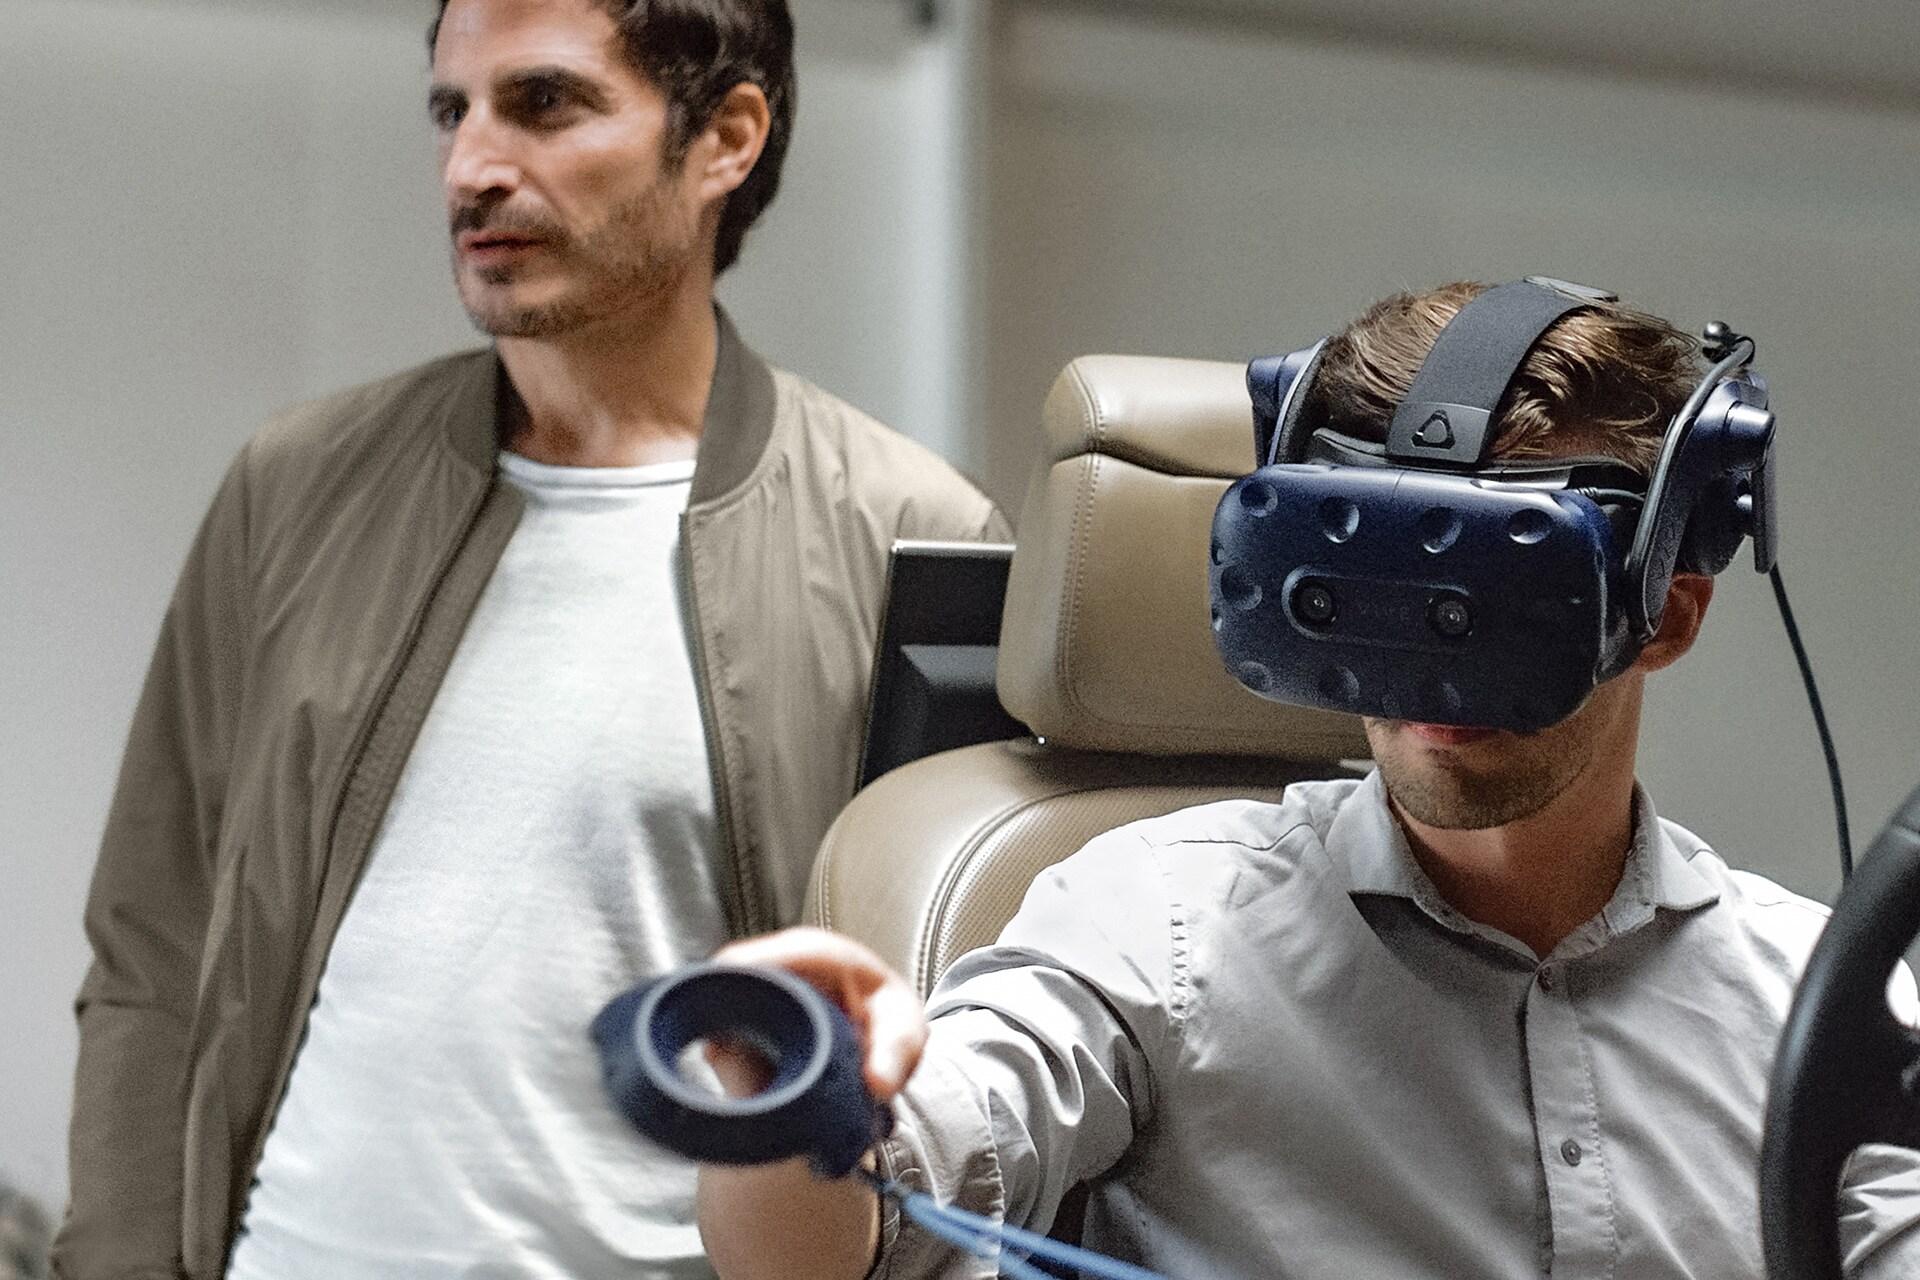 Gael Buzyn stoji za osebo z očali VR na avtomobilskem sedežu.